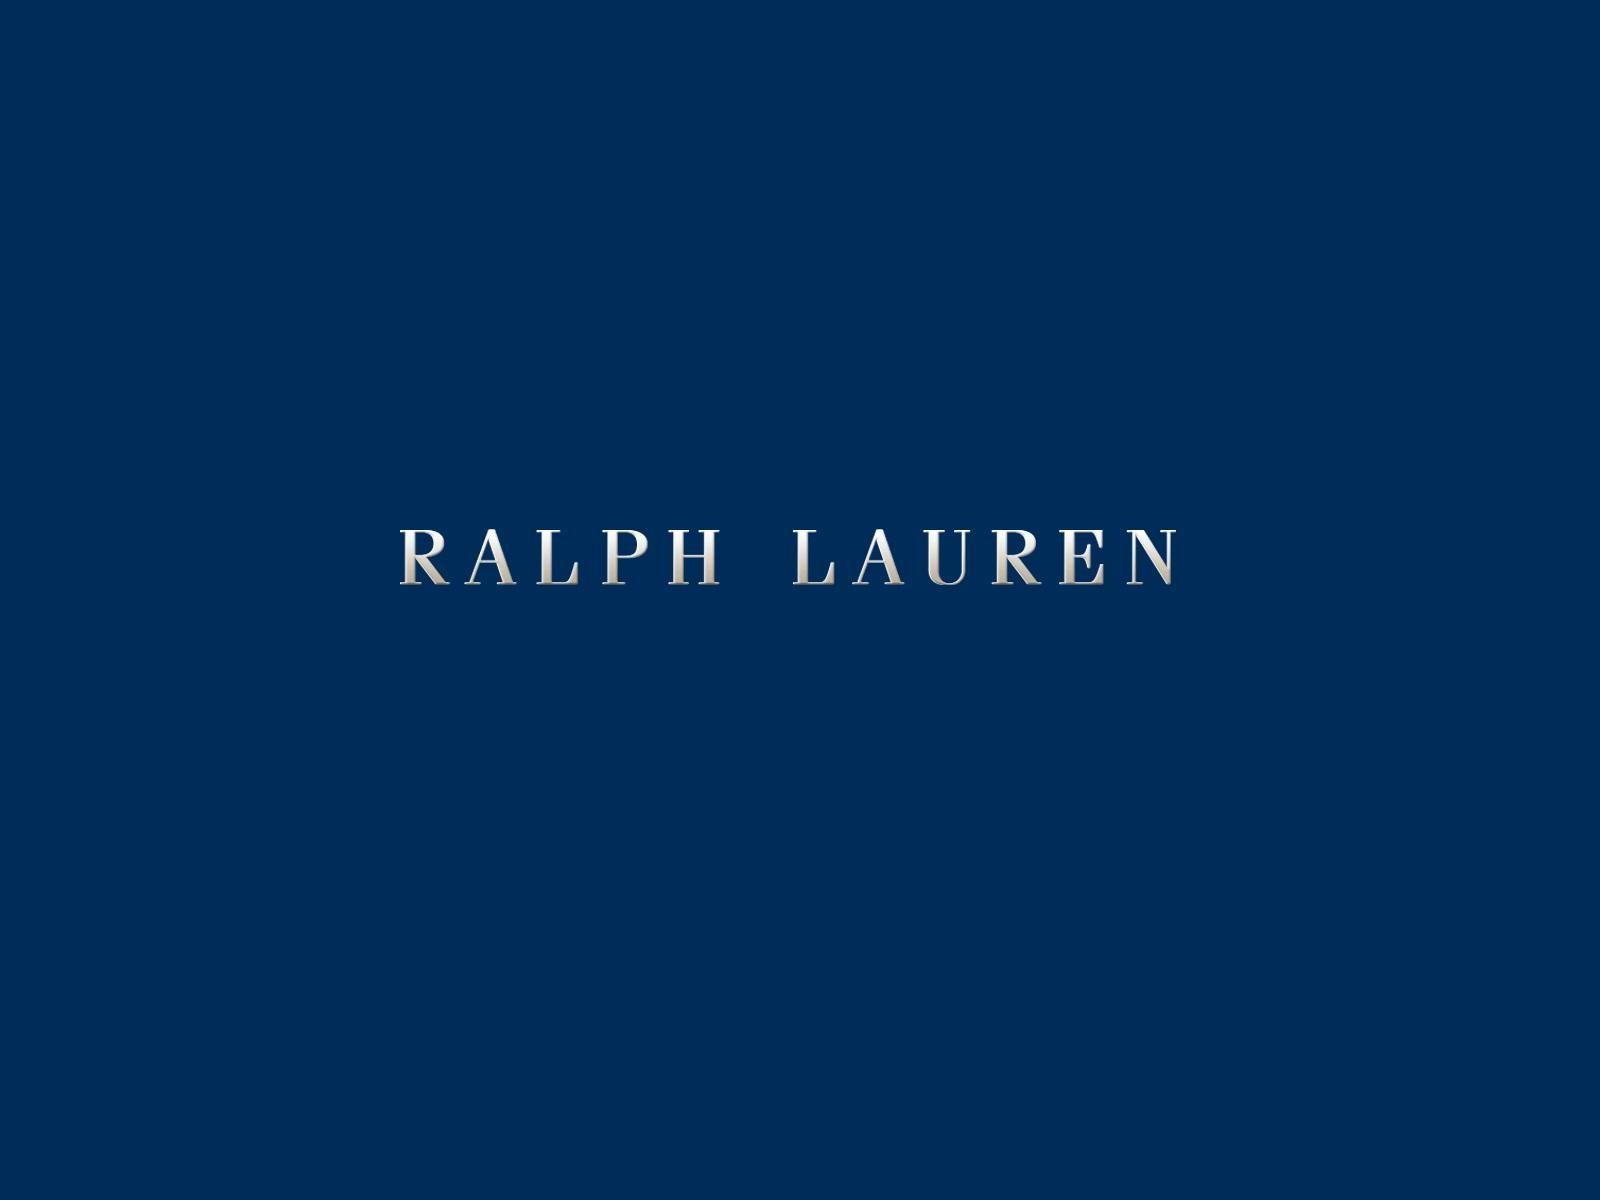 ラルフローレン メンズ&ウィメンズ  大丸鳥取店 のアルバイト情報